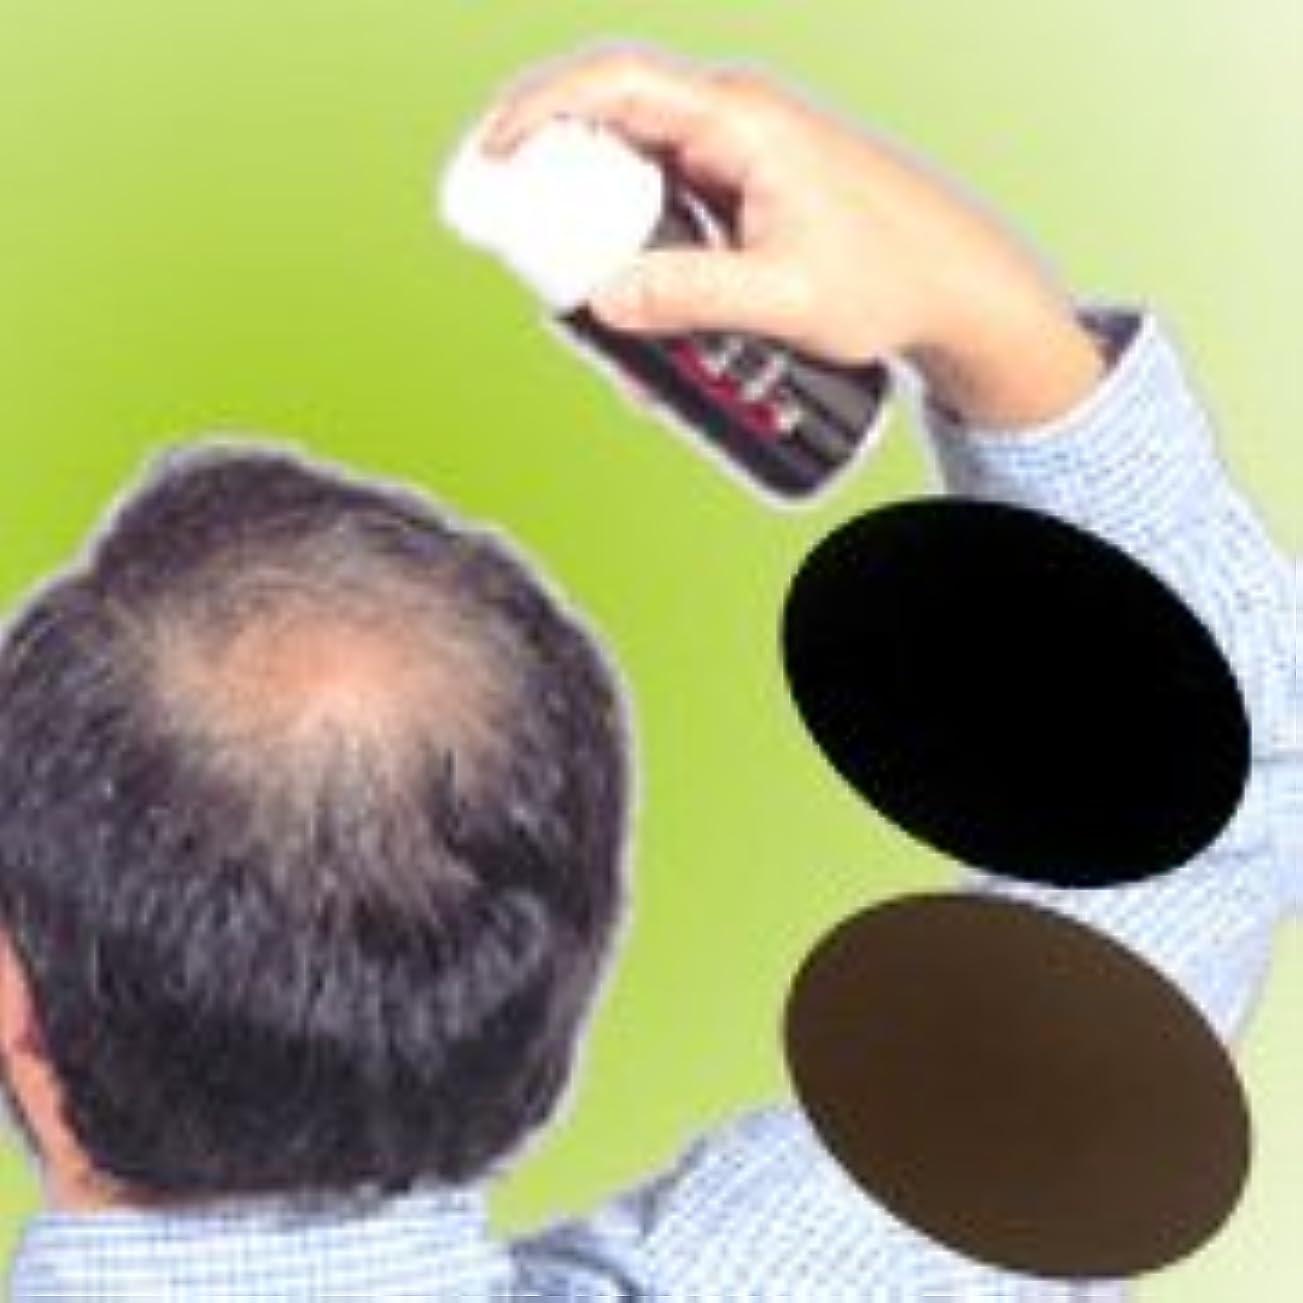 木製解釈する秋薄毛?白髪をワンタッチで隠します! 男女兼用タイプの増毛スプレー! ! 【トミーリッチ ブラックヘアー】 (商品内訳:ブラック)